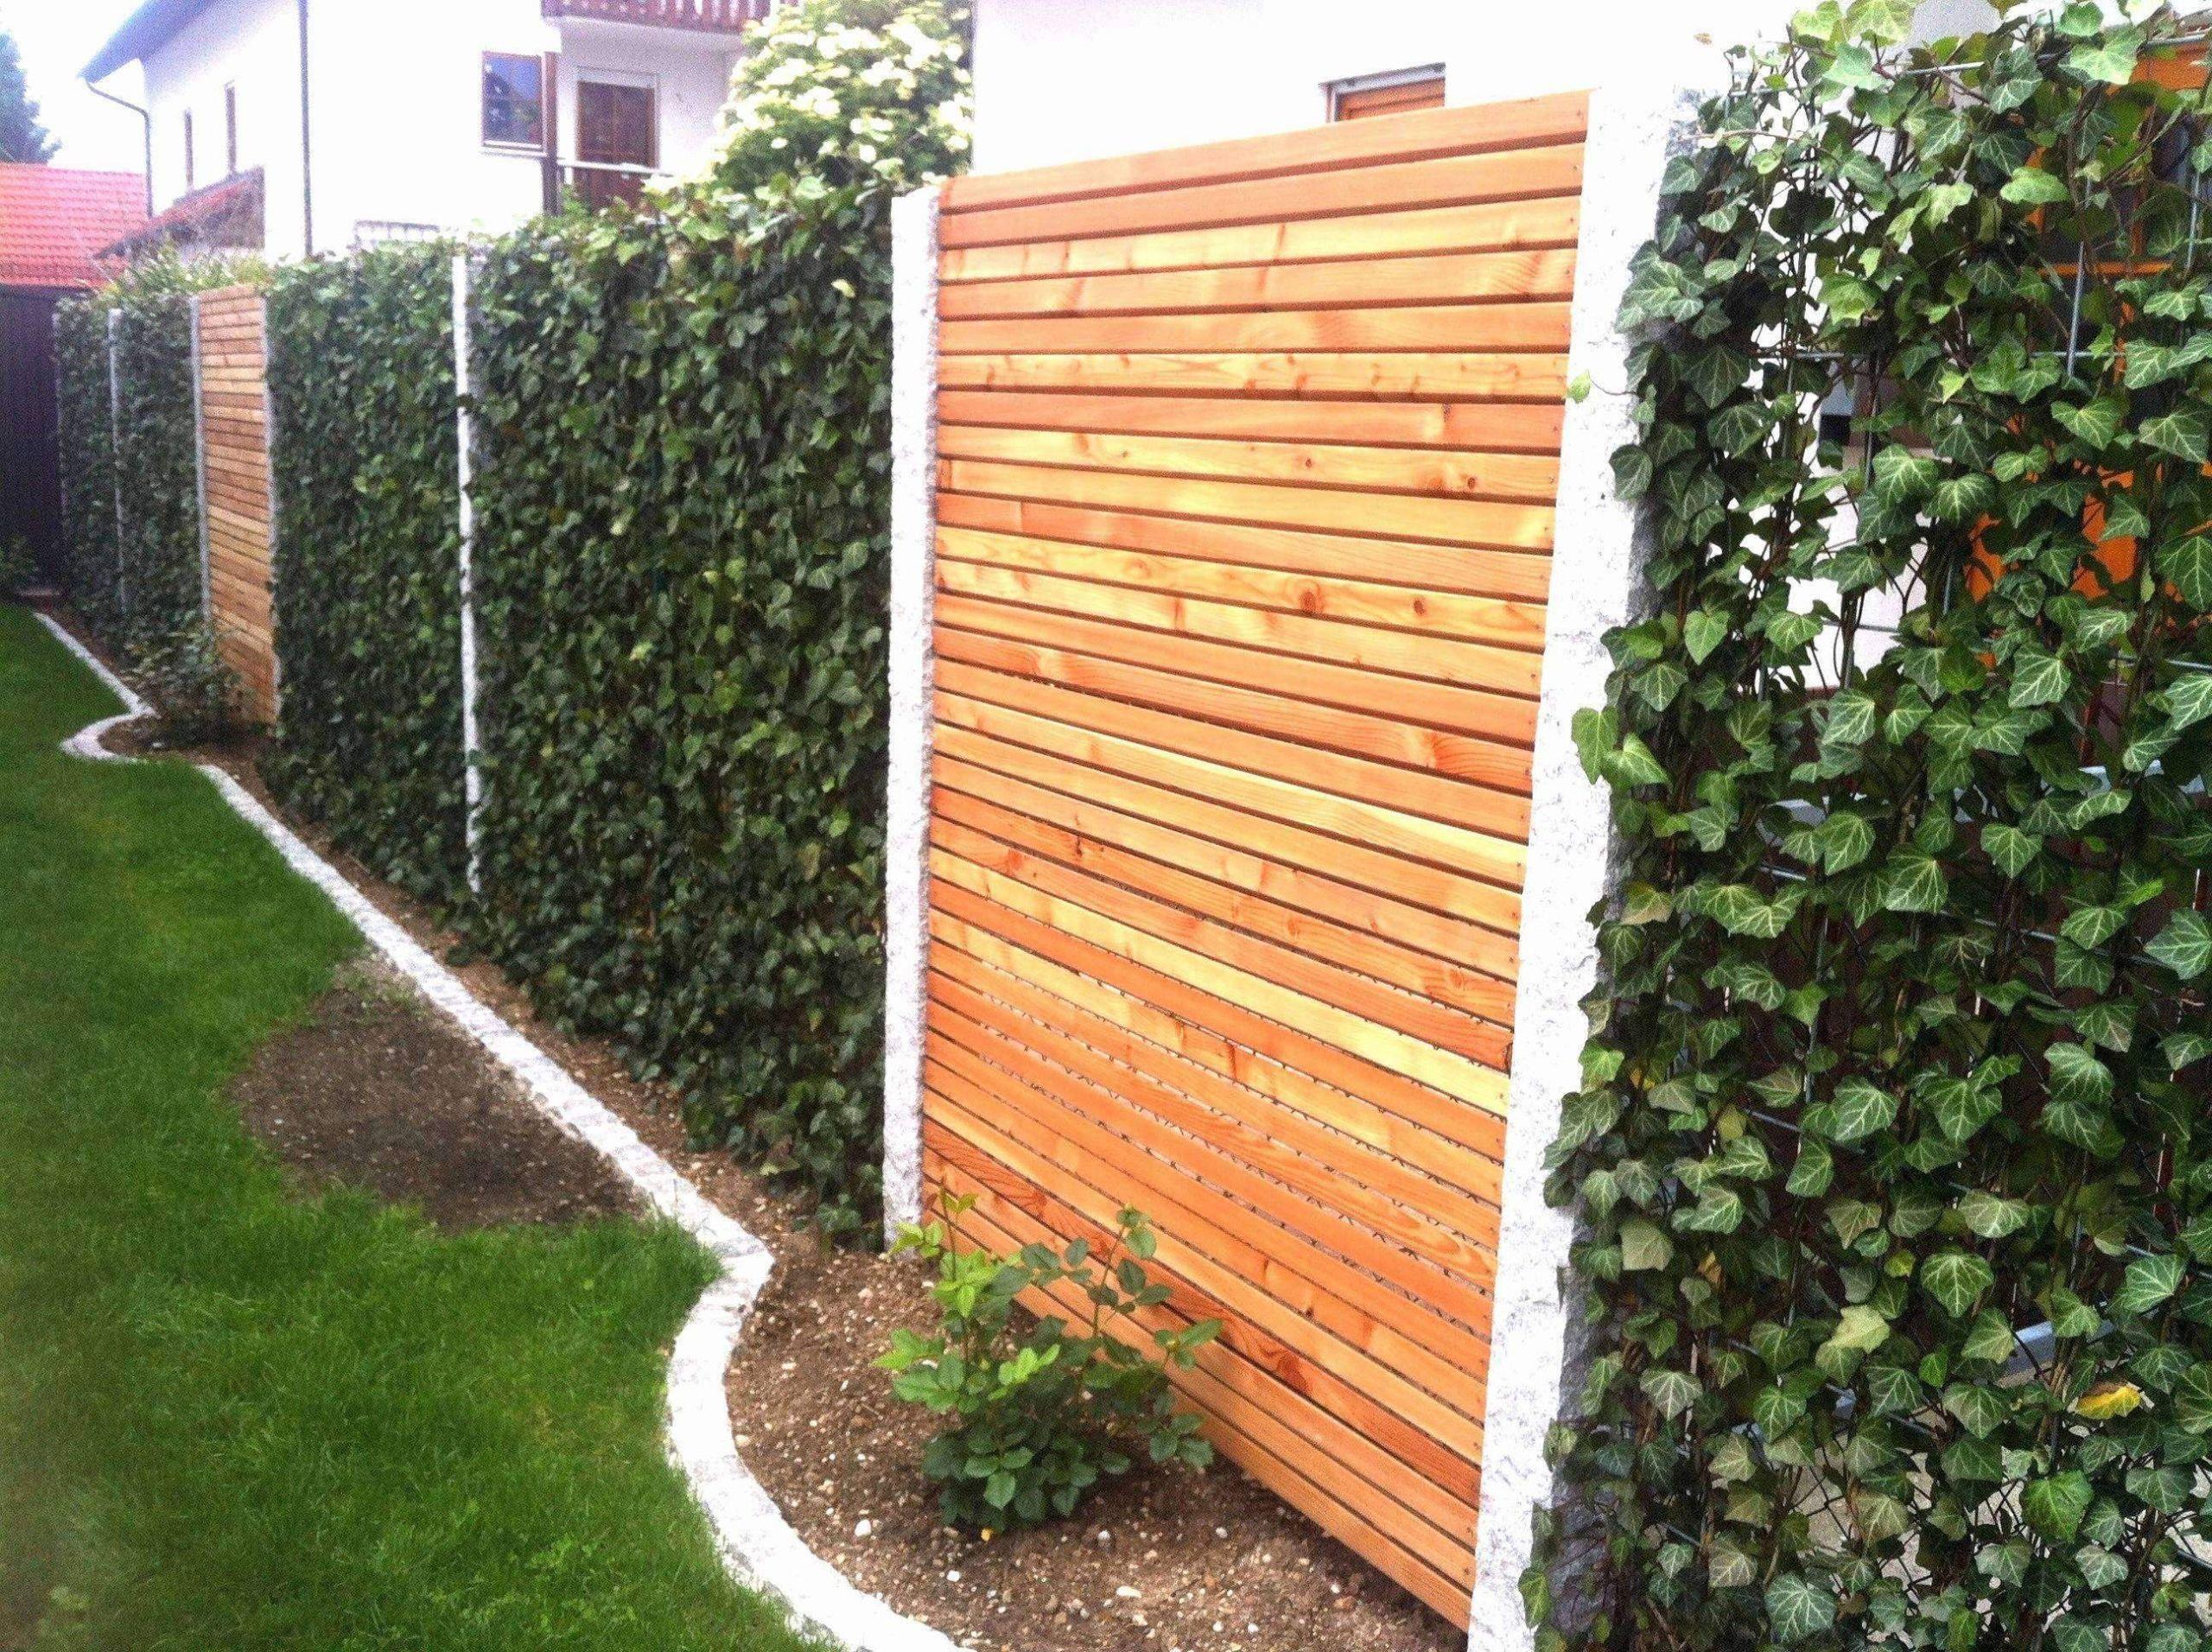 Vorgärten Gestalten Beispiele Inspirierend 36 Schön Gartengestaltung Kleine Gärten Genial